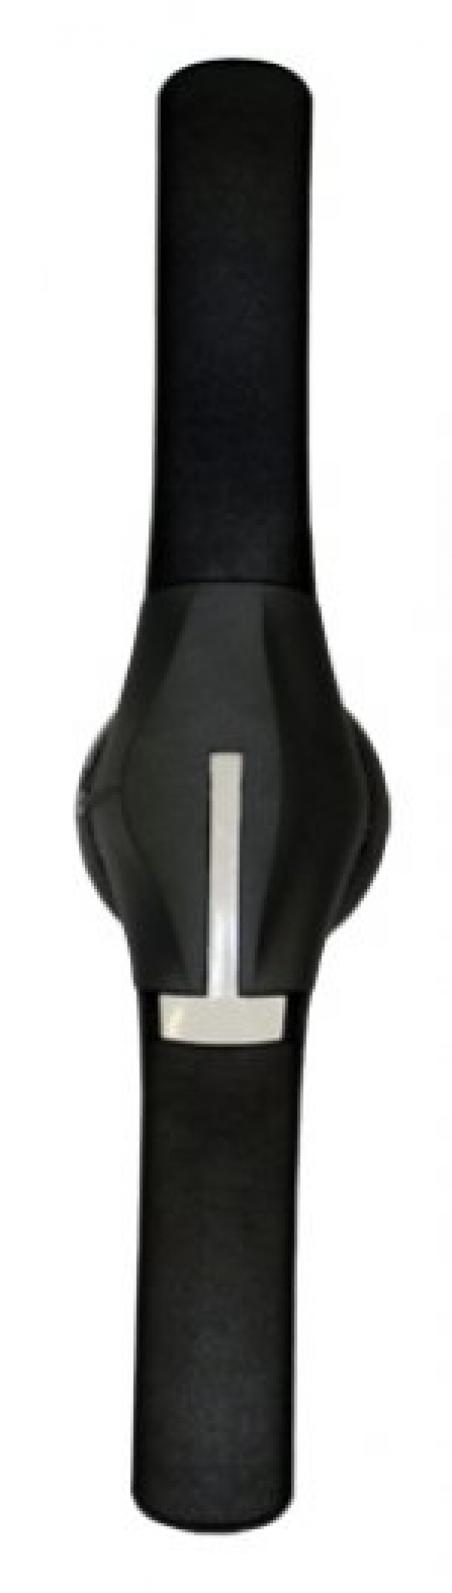 Рукоятка выносная LBS-EH 1600/G (черн., для LBS 800-1600А)